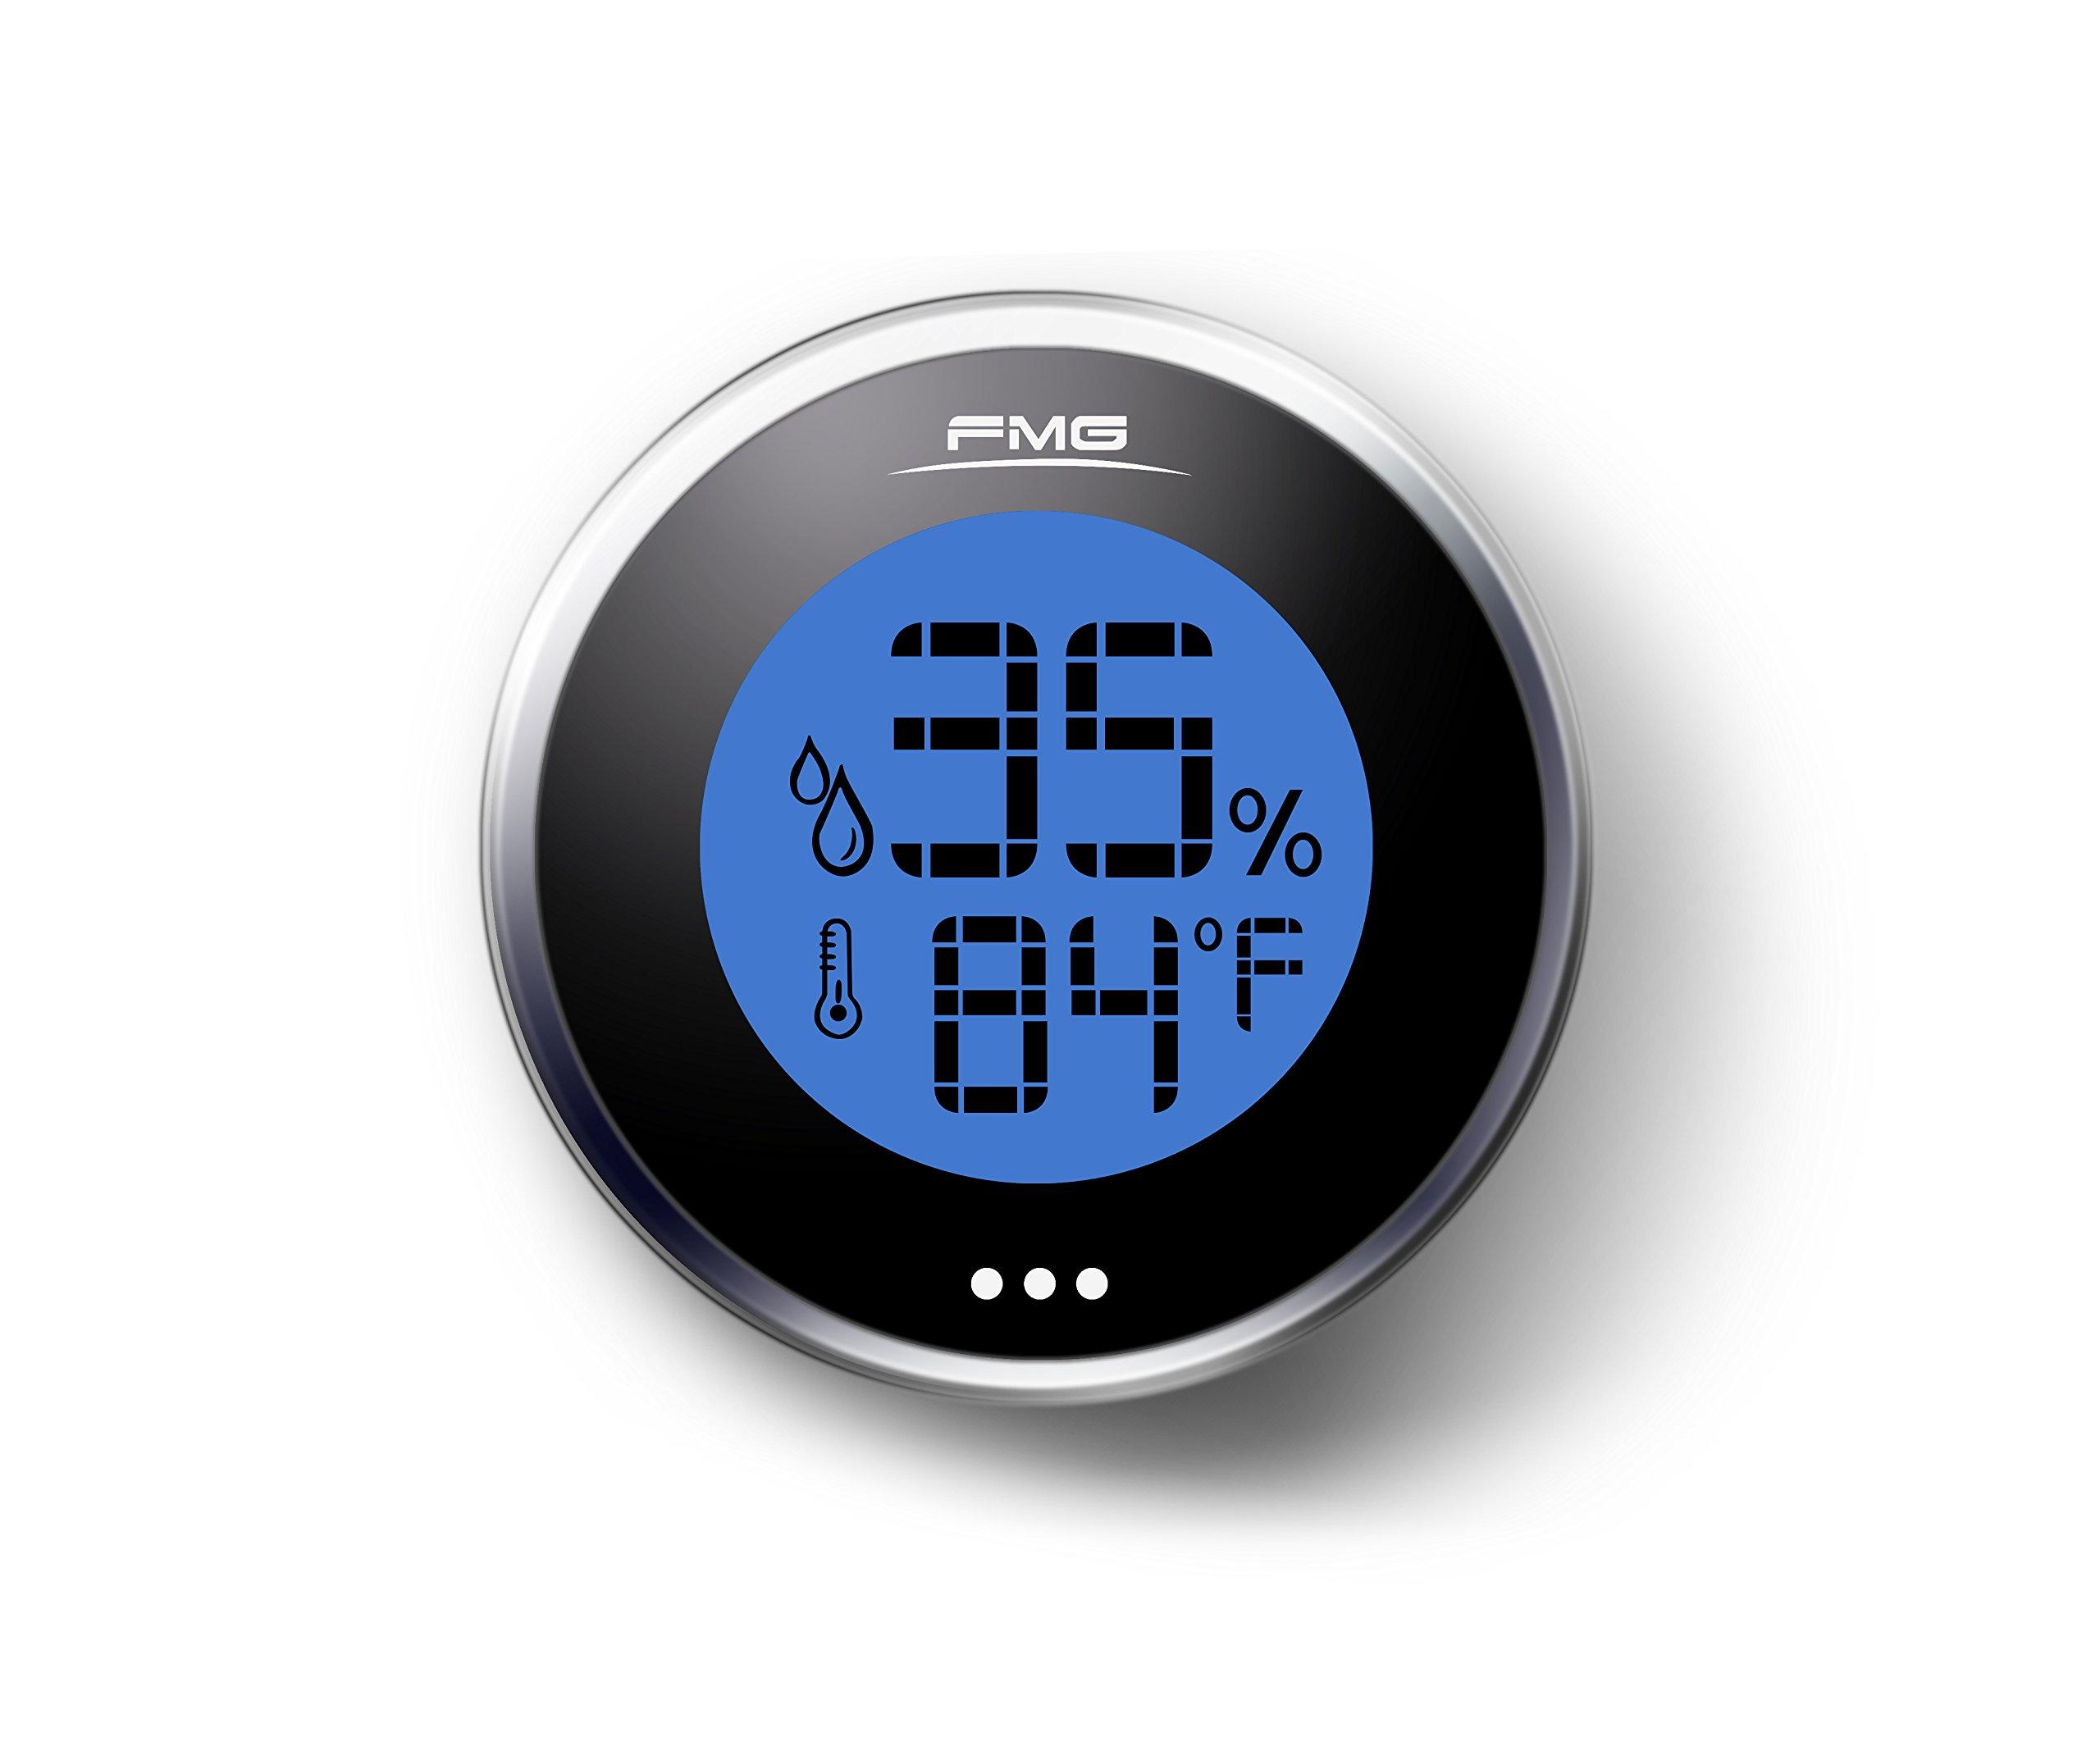 Hygrometer Humidity Meter Digital Gauge Thermometer Monitor Sensor Indoor Outdoor